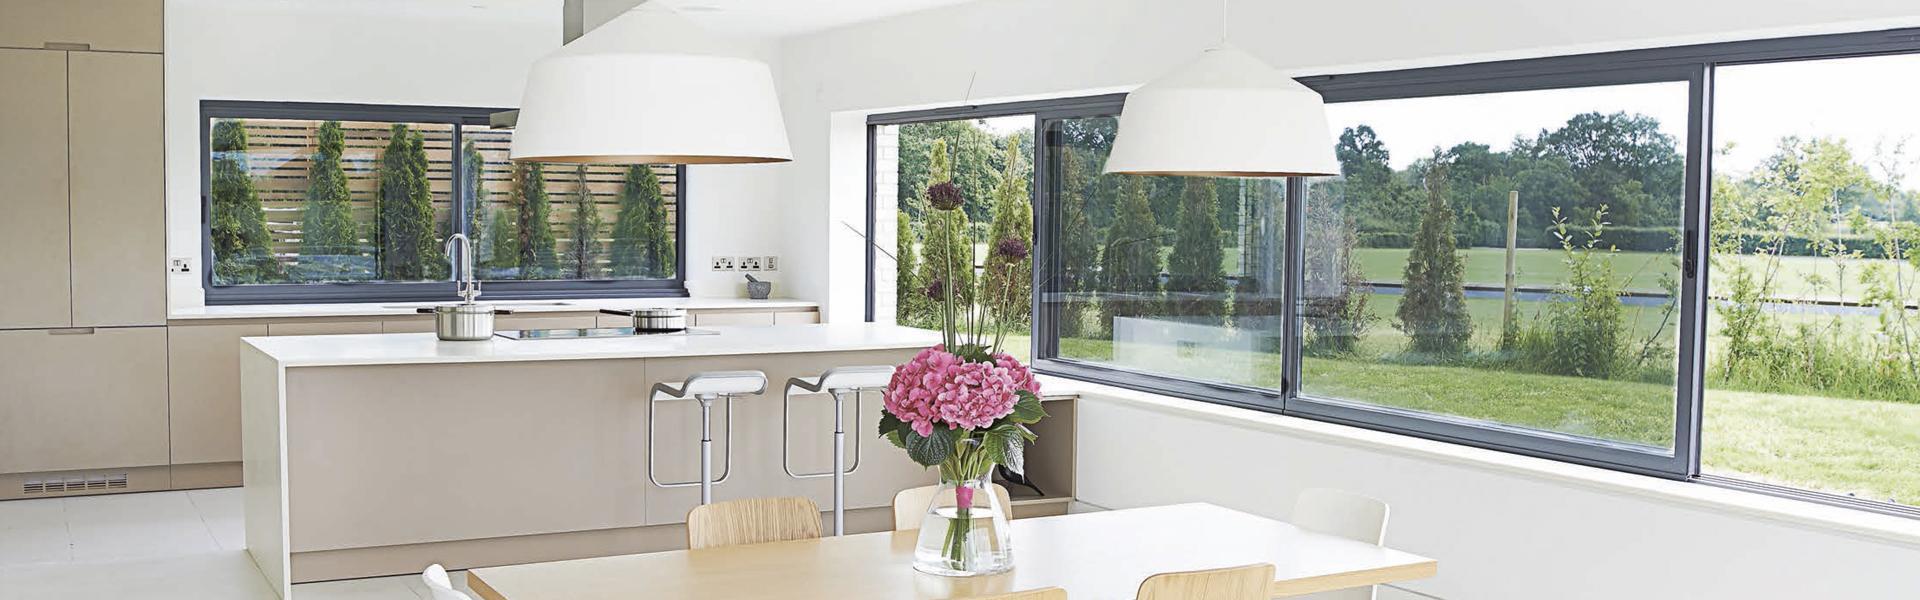 Muebles de cocina Santos: diseños que ayudan a generar espacios ...